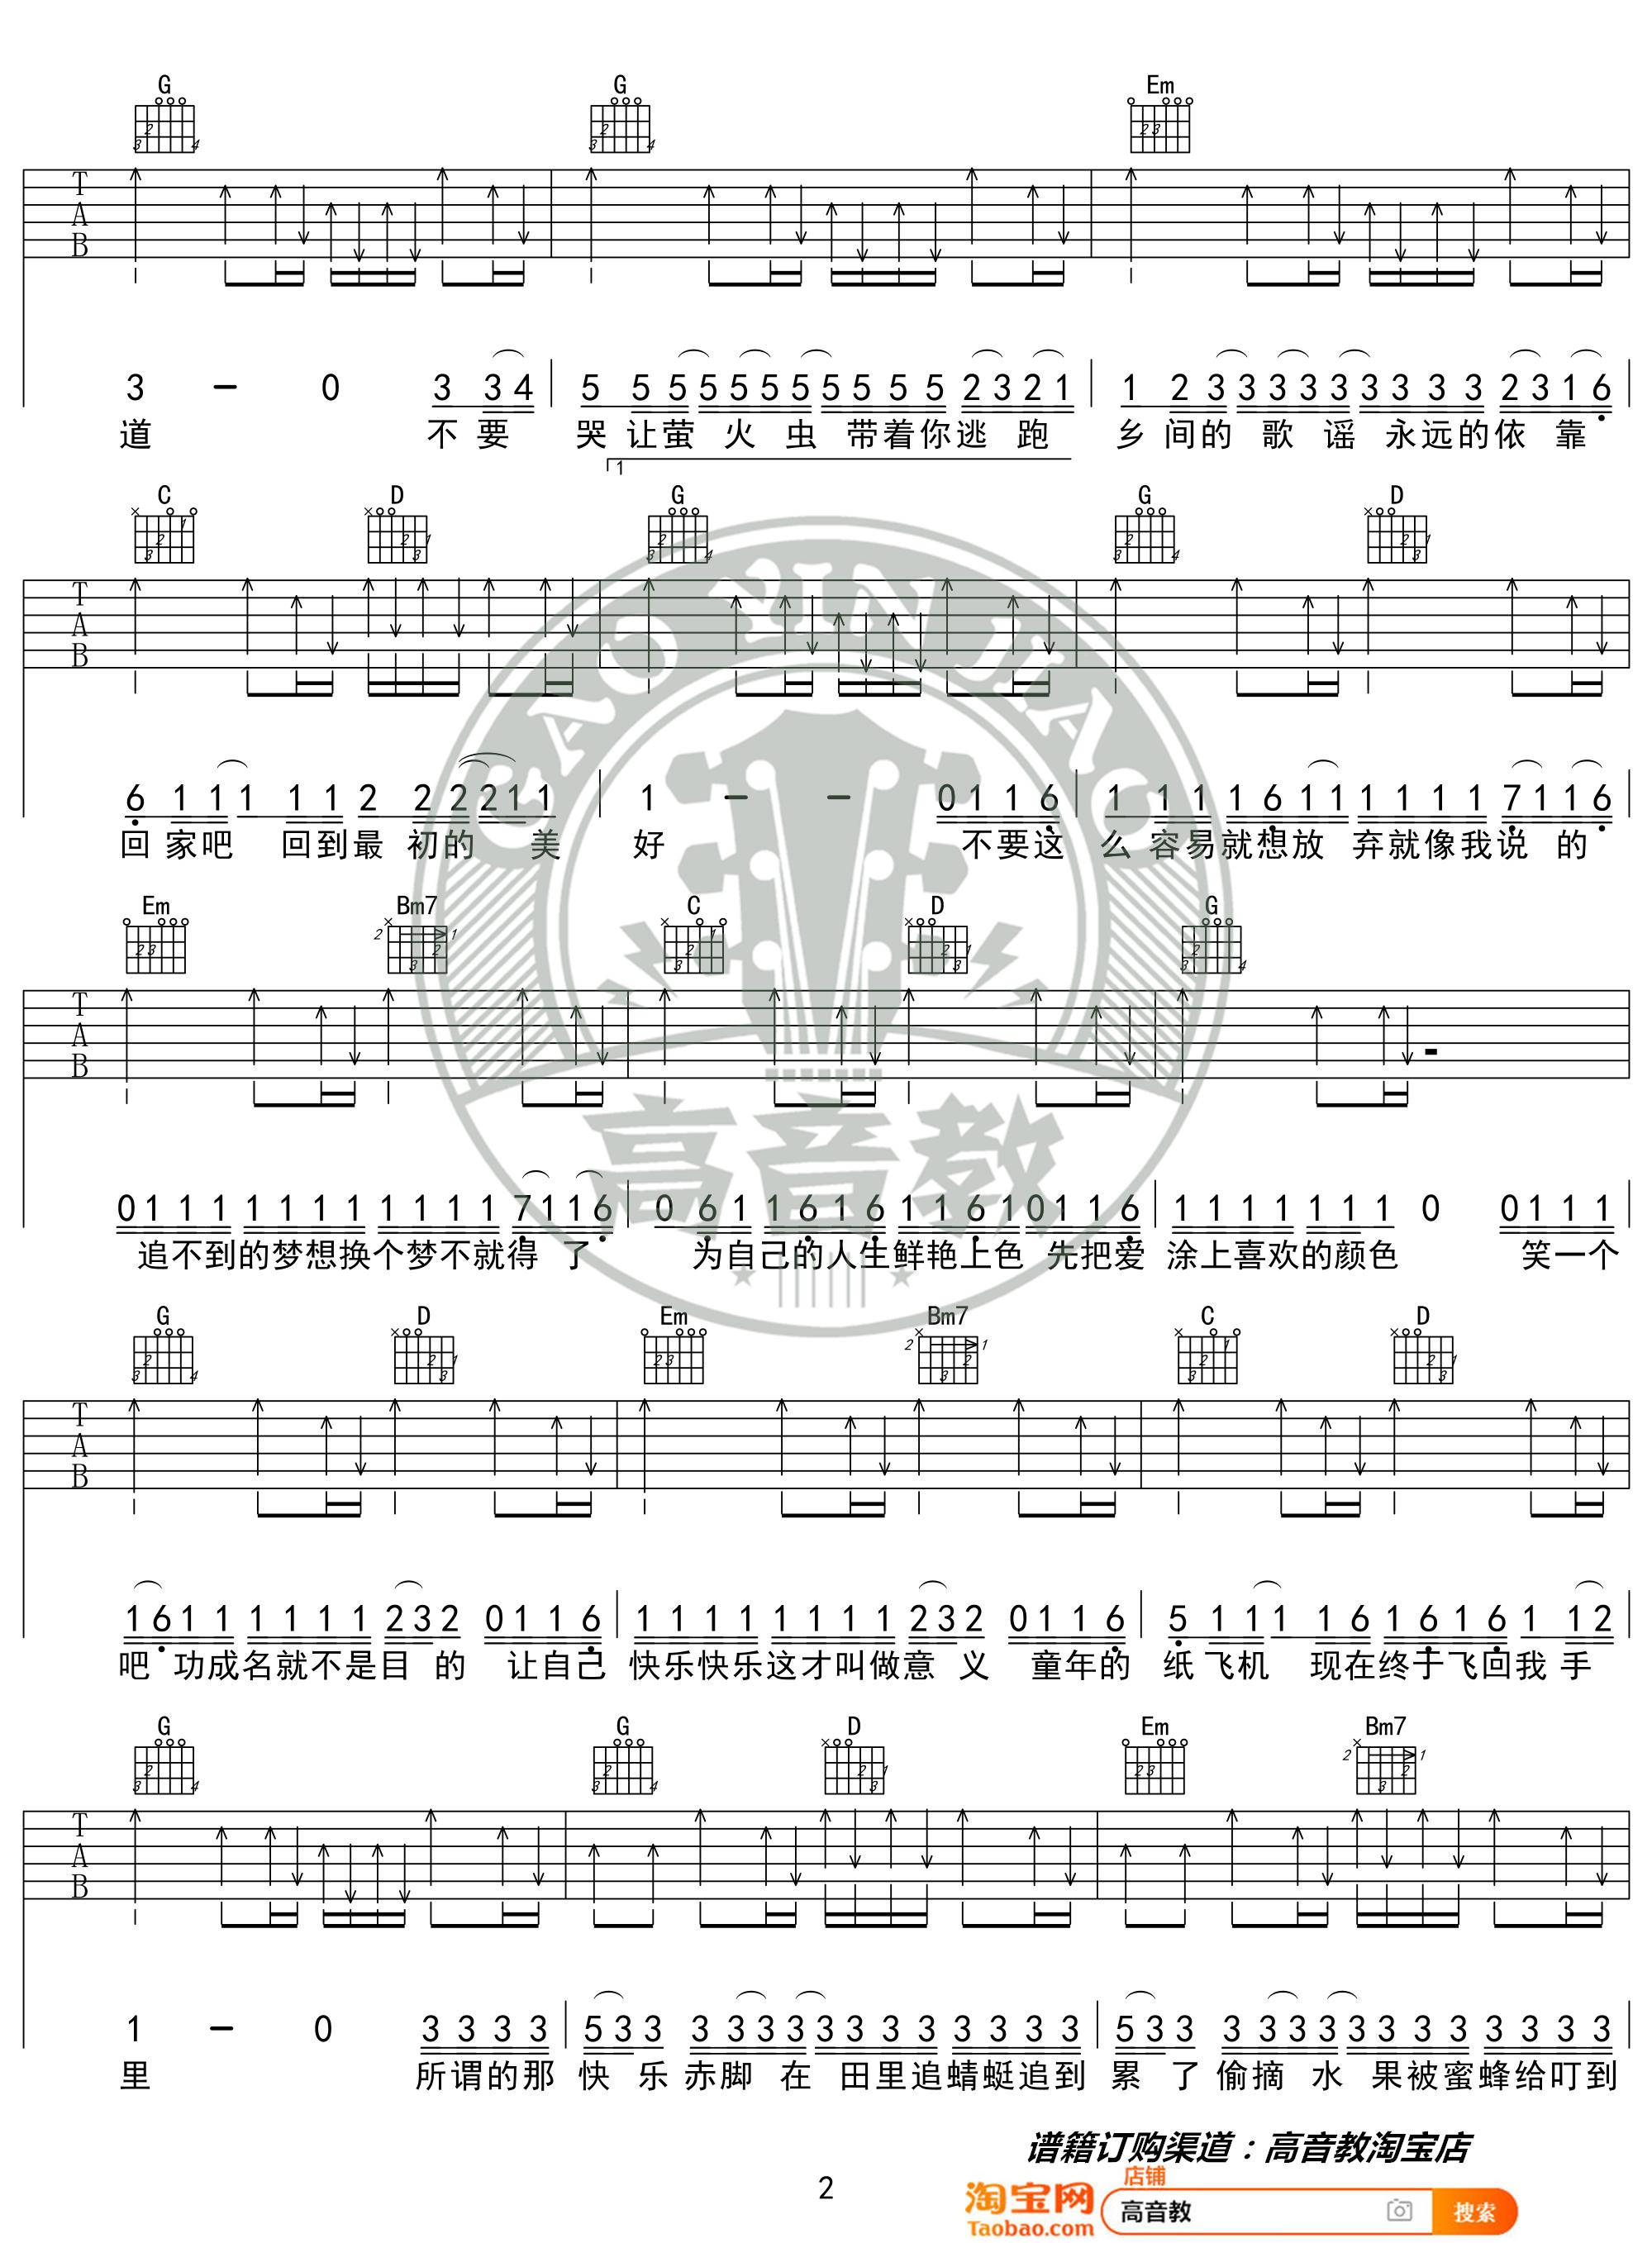 周杰伦《稻香》吉他谱G调入门版创意走廊教学教学楼吉他布置猴哥简单设计图